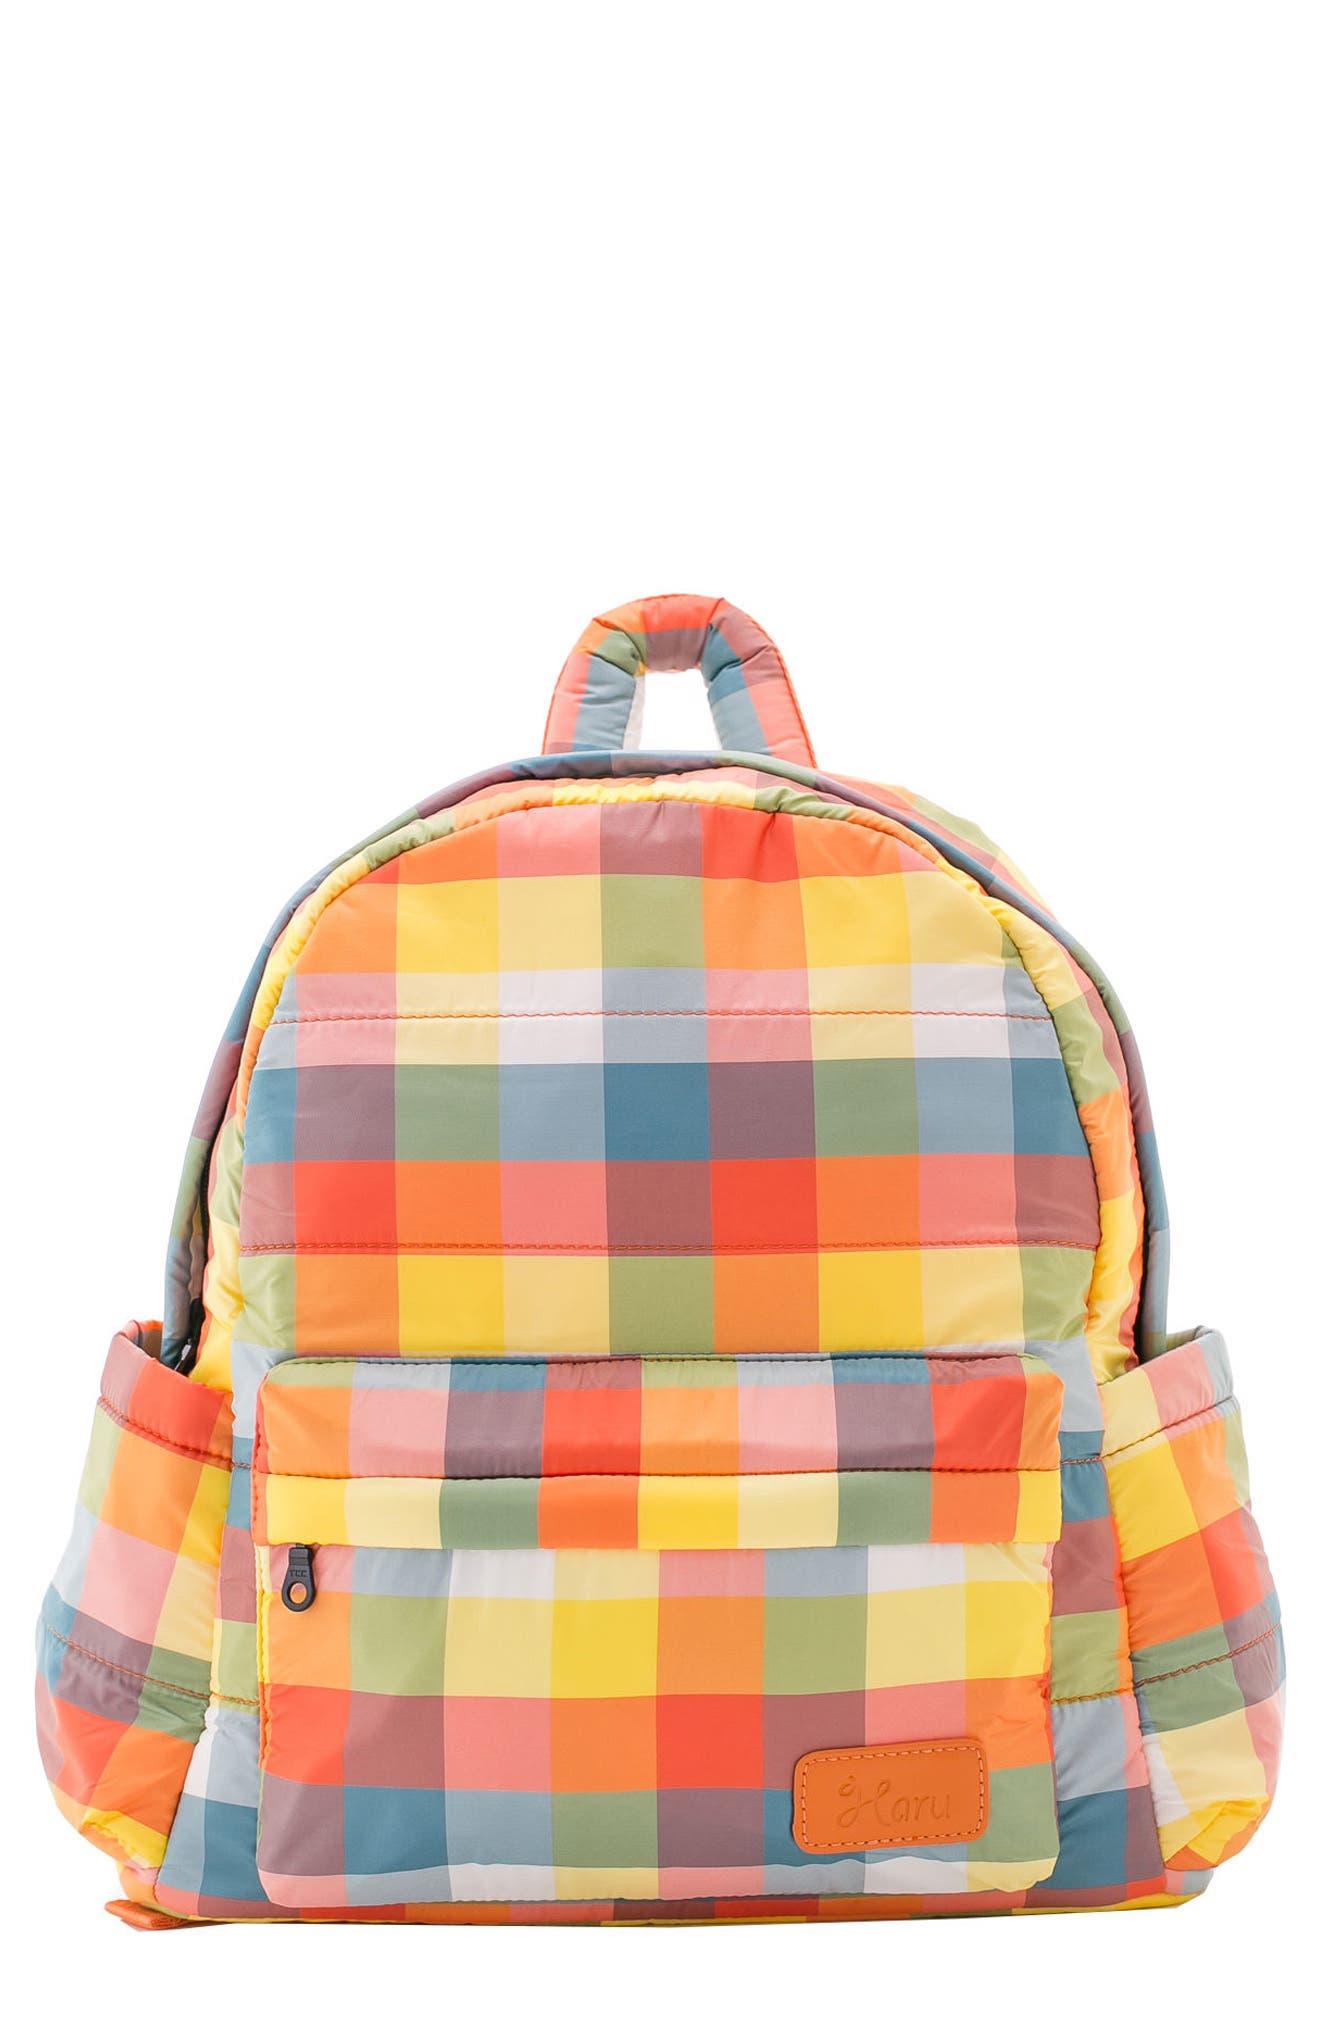 Alternate Image 1 Selected - HARU Print Water Repellent Diaper Backpack